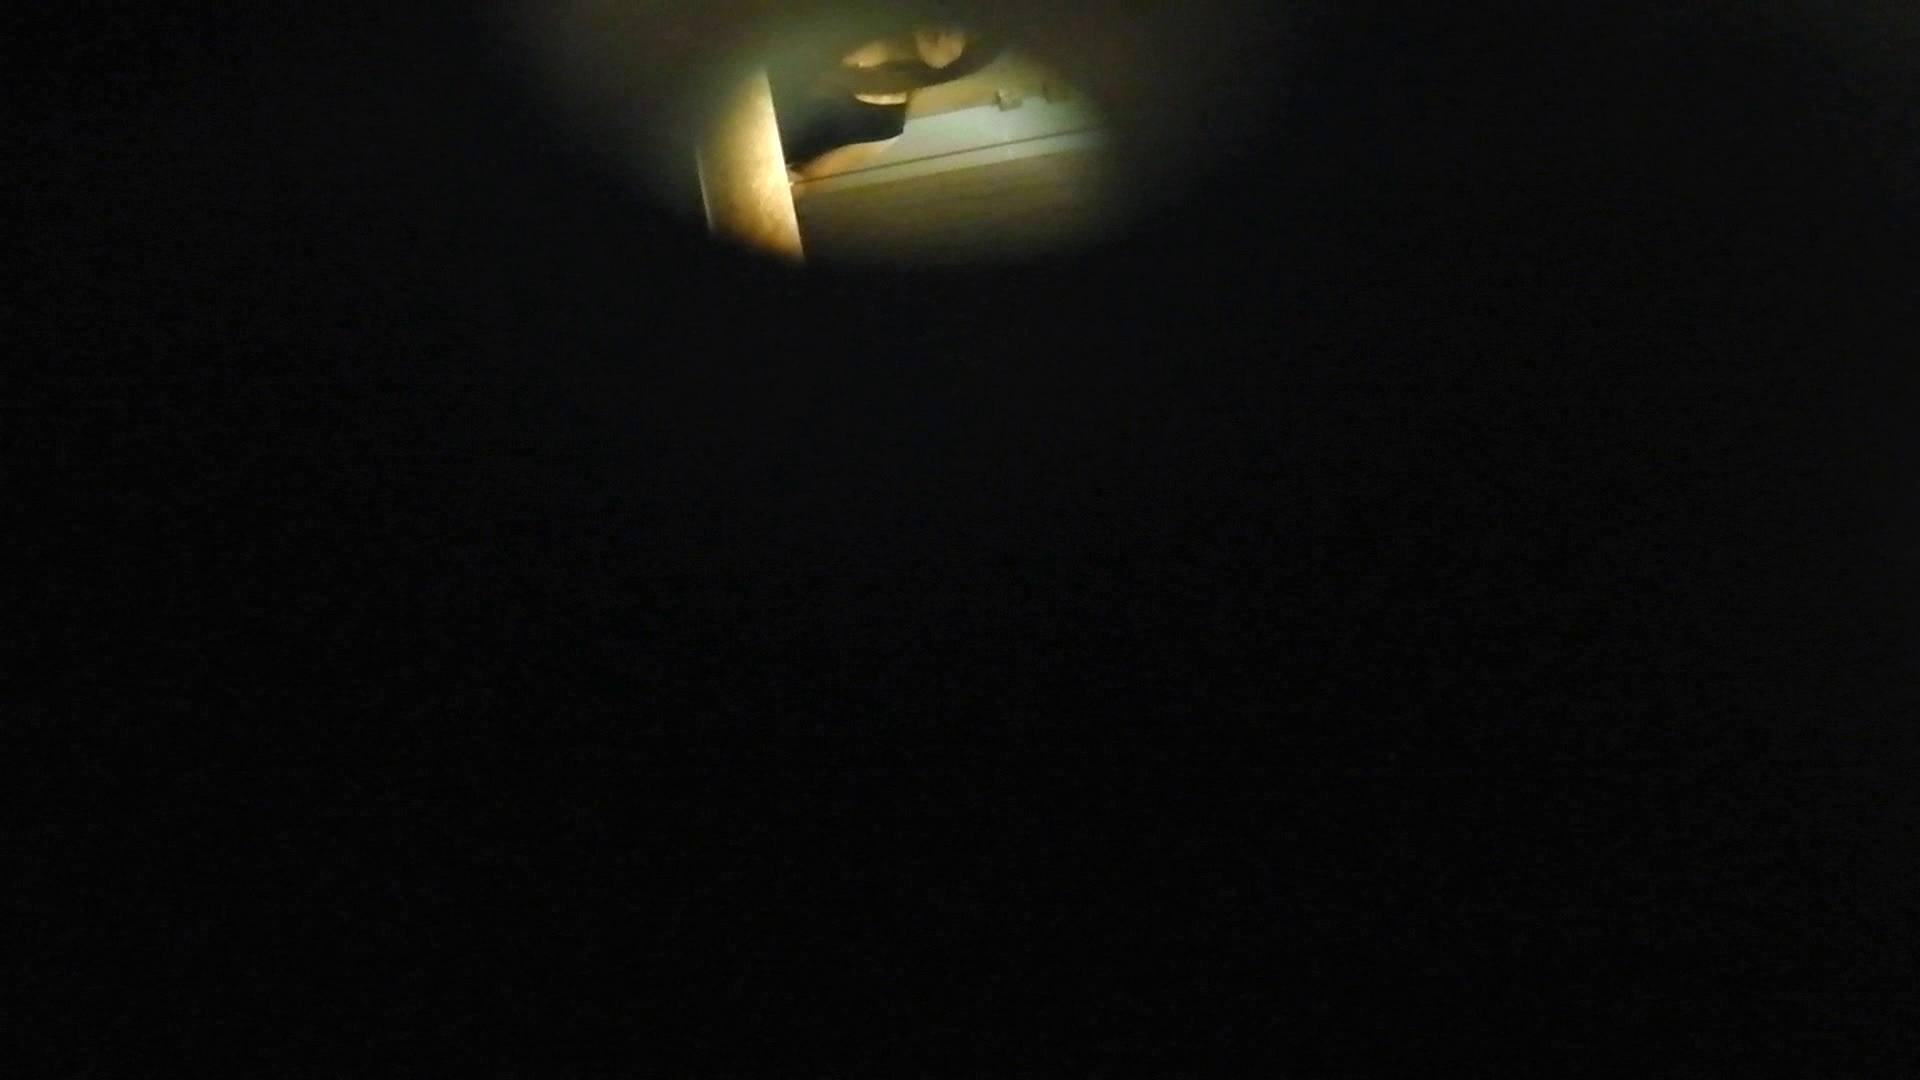 阿国ちゃんの「和式洋式七変化」No.10 洗面所 おまんこ無修正動画無料 66画像 10